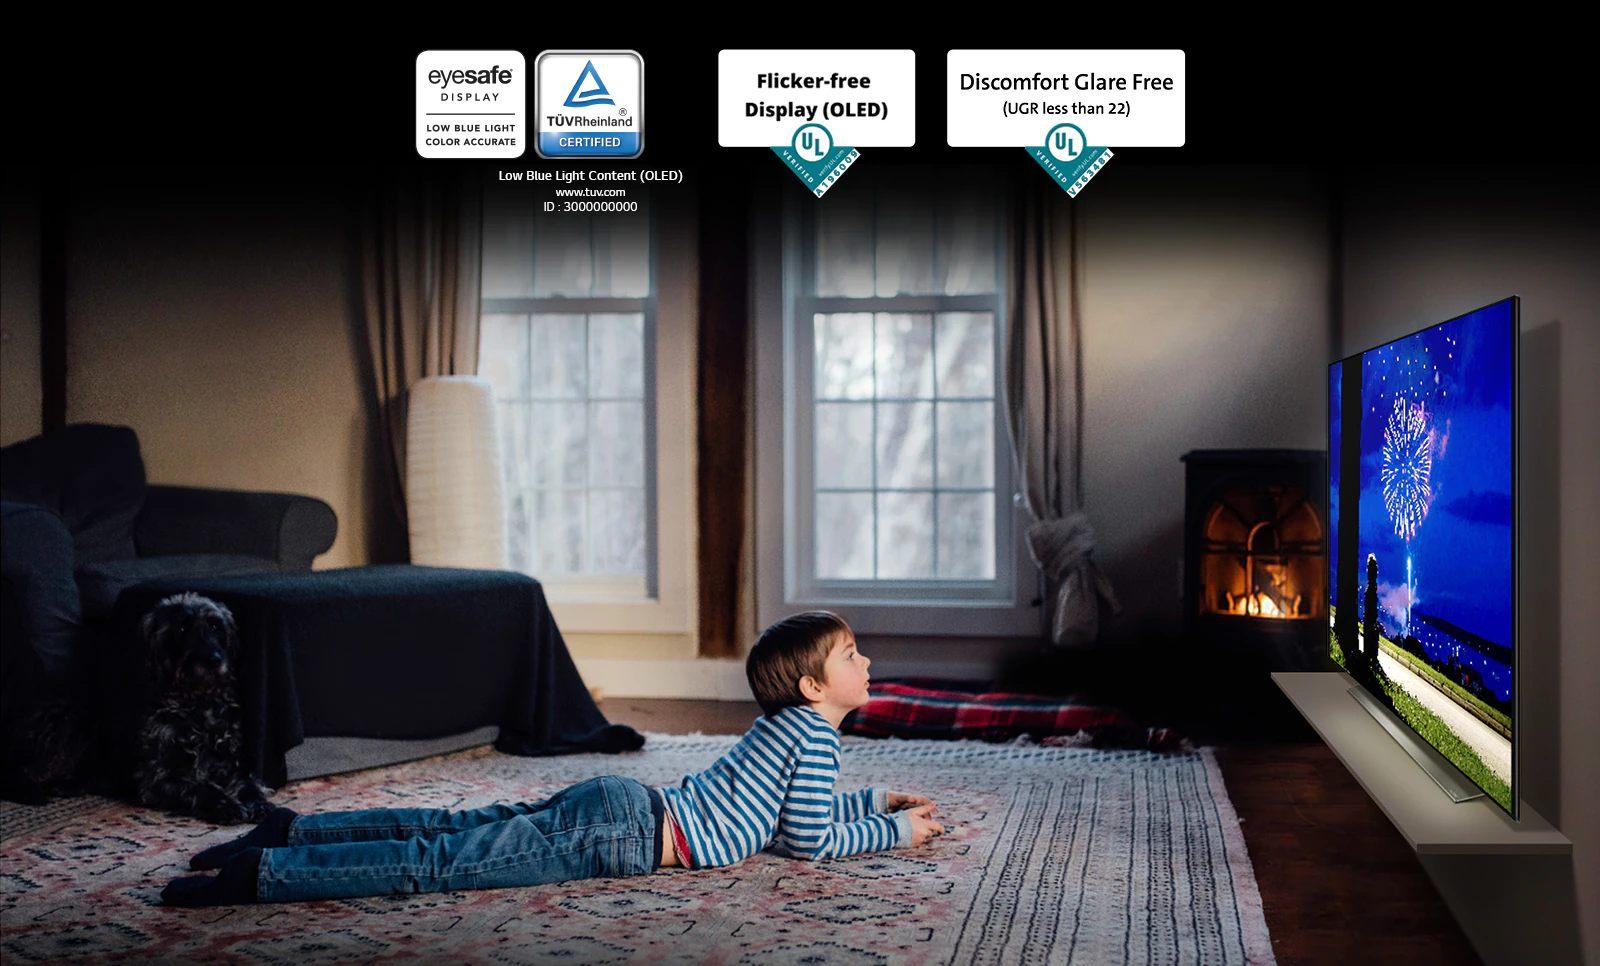 這是說明「舒適護眼顯示器」的卡片。 這是一個男孩俯臥看電視的場景。 放入五個標誌以表明「舒適護眼顯示器」認證。